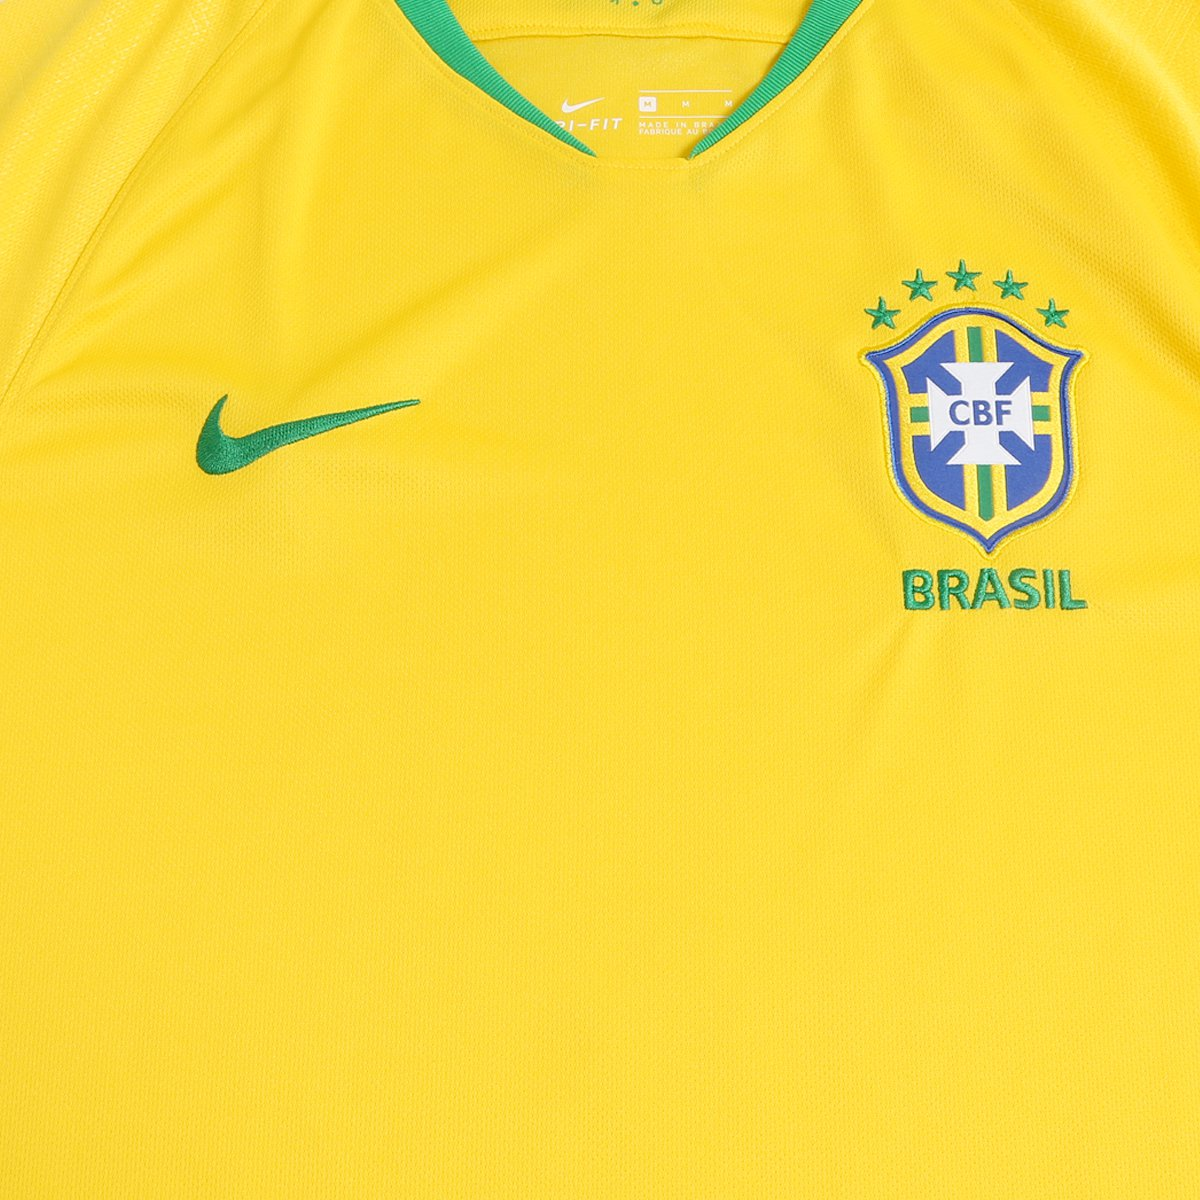 ... Camisa Seleção Brasil I 2018 s n° - Torcedor Nike Masculina ... efa3d92077efe